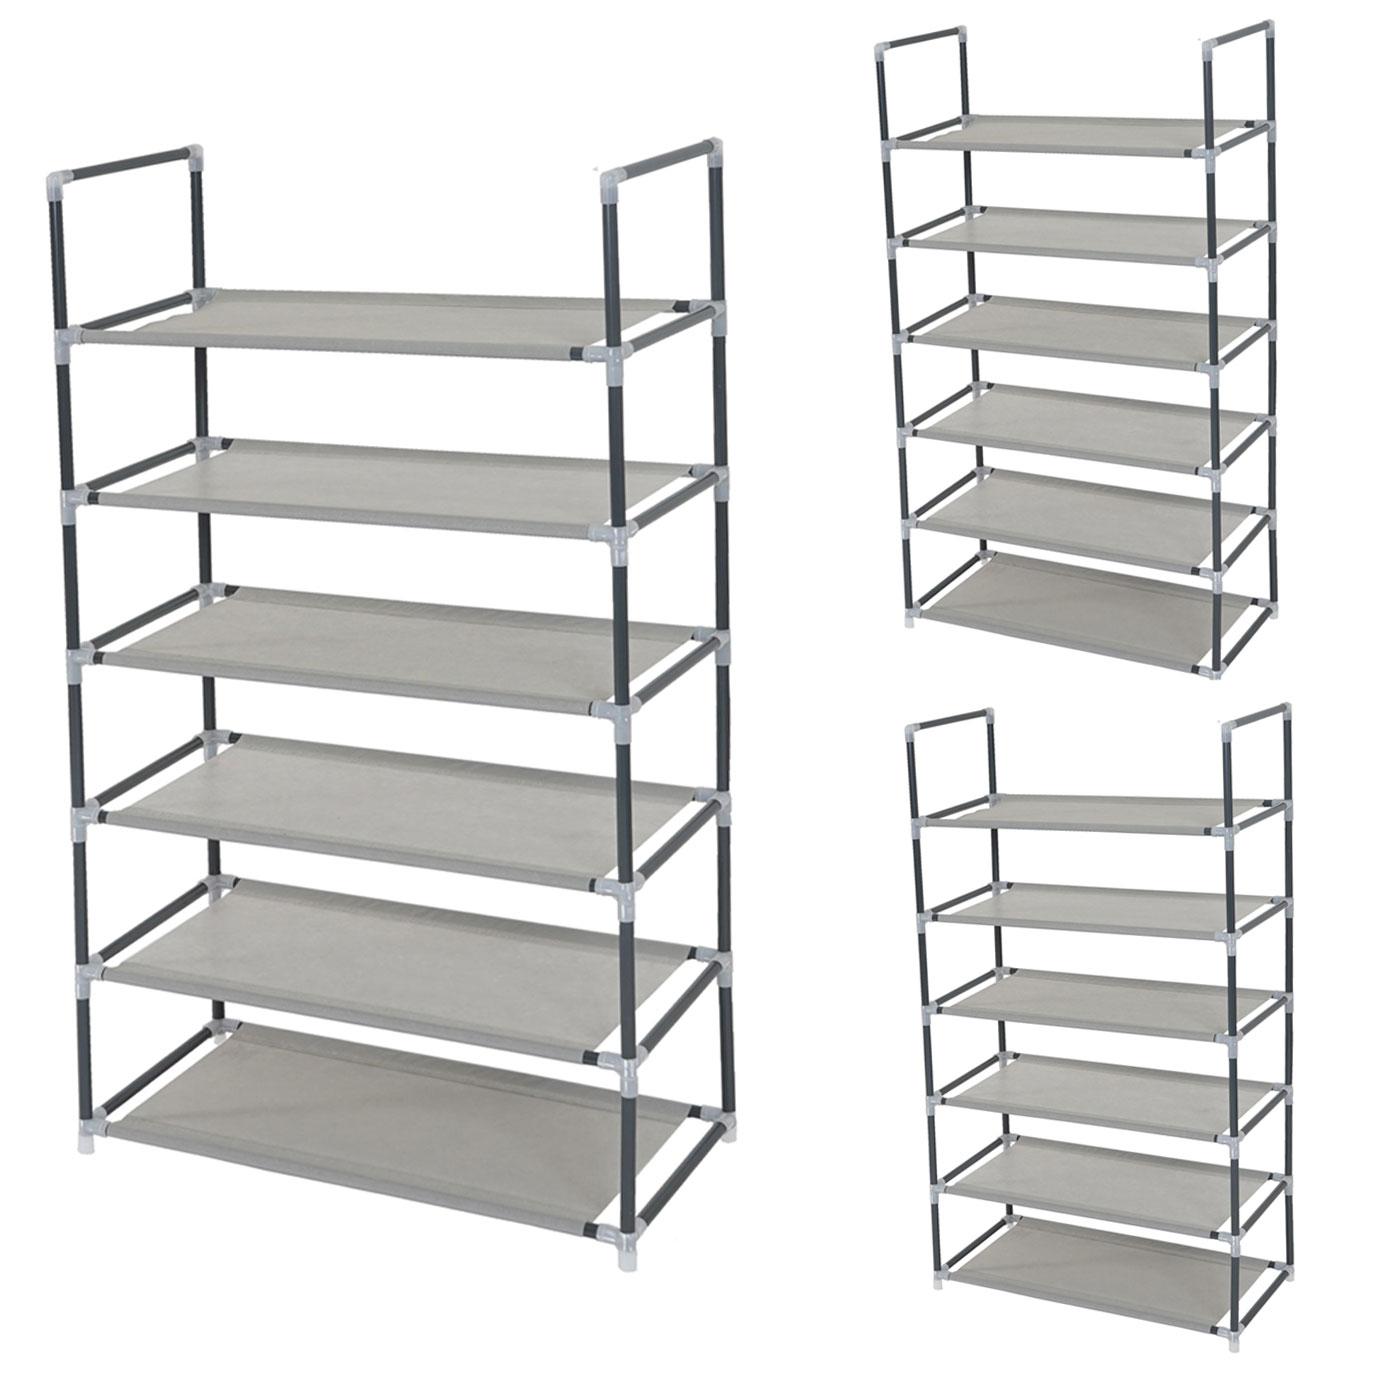 3er set schuhregal br gge schuhablage schuhst nder steckregal je 6 ebenen f r 12 paar schuhe. Black Bedroom Furniture Sets. Home Design Ideas